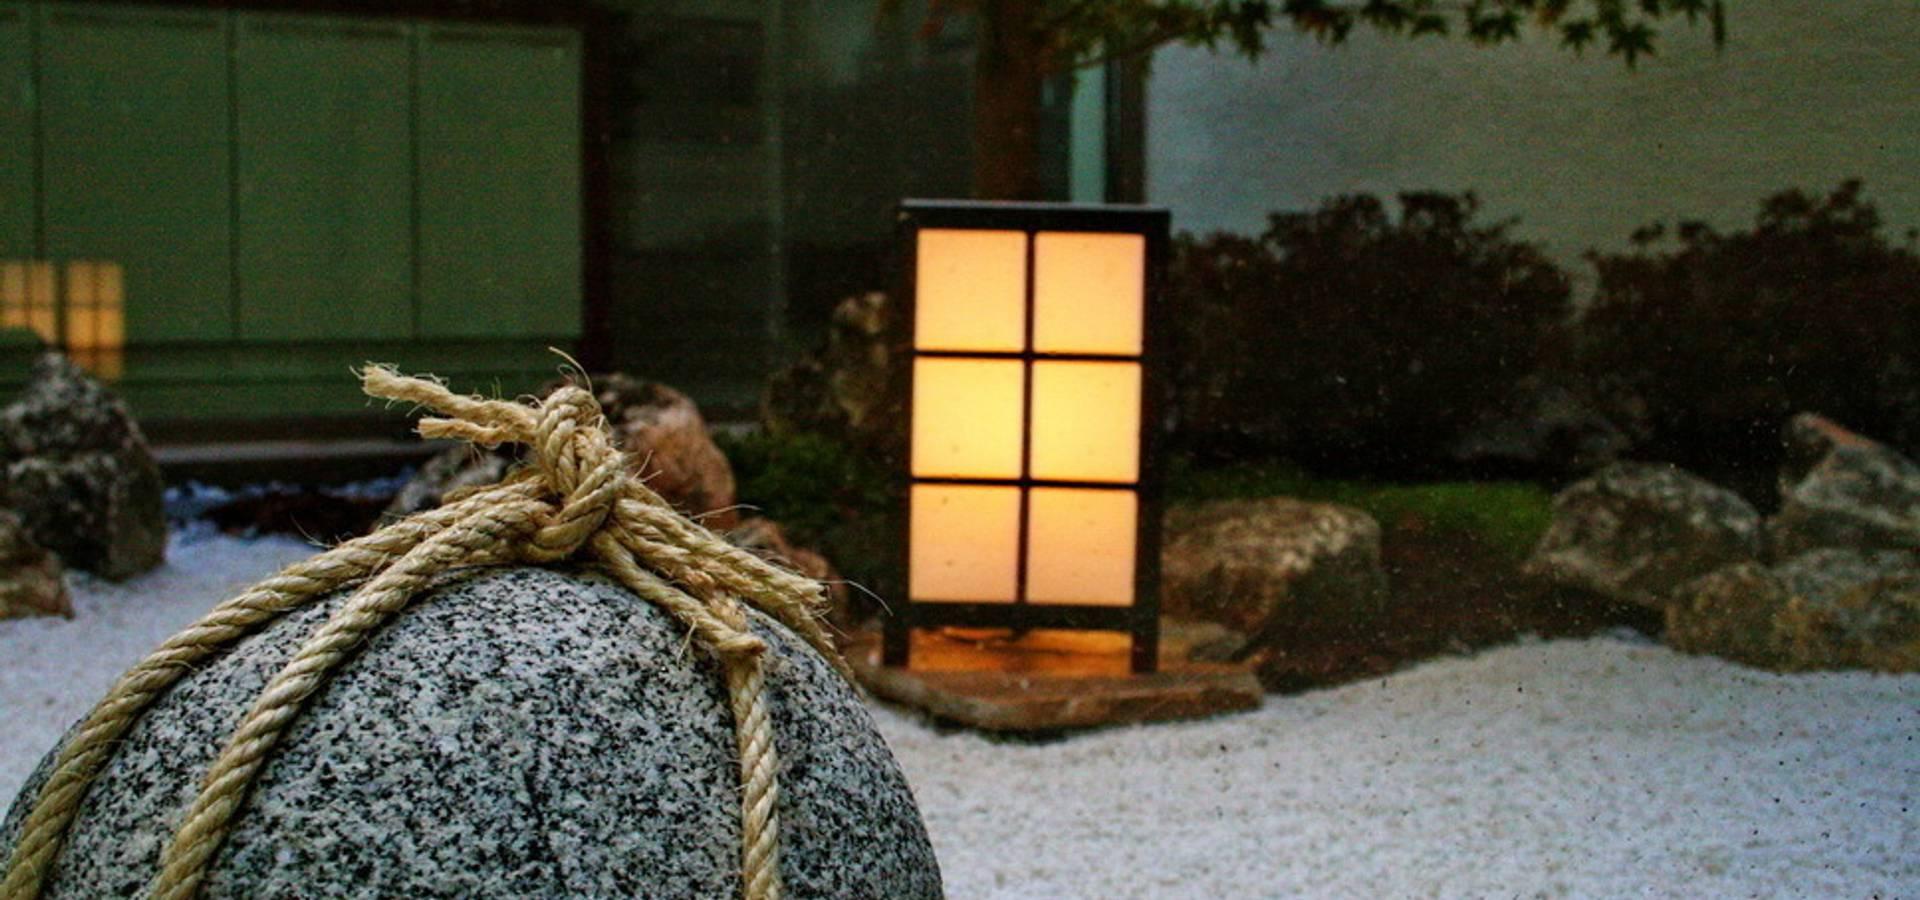 Minimalismo japones en su escencia pura by jardines for Jardines japoneses zen